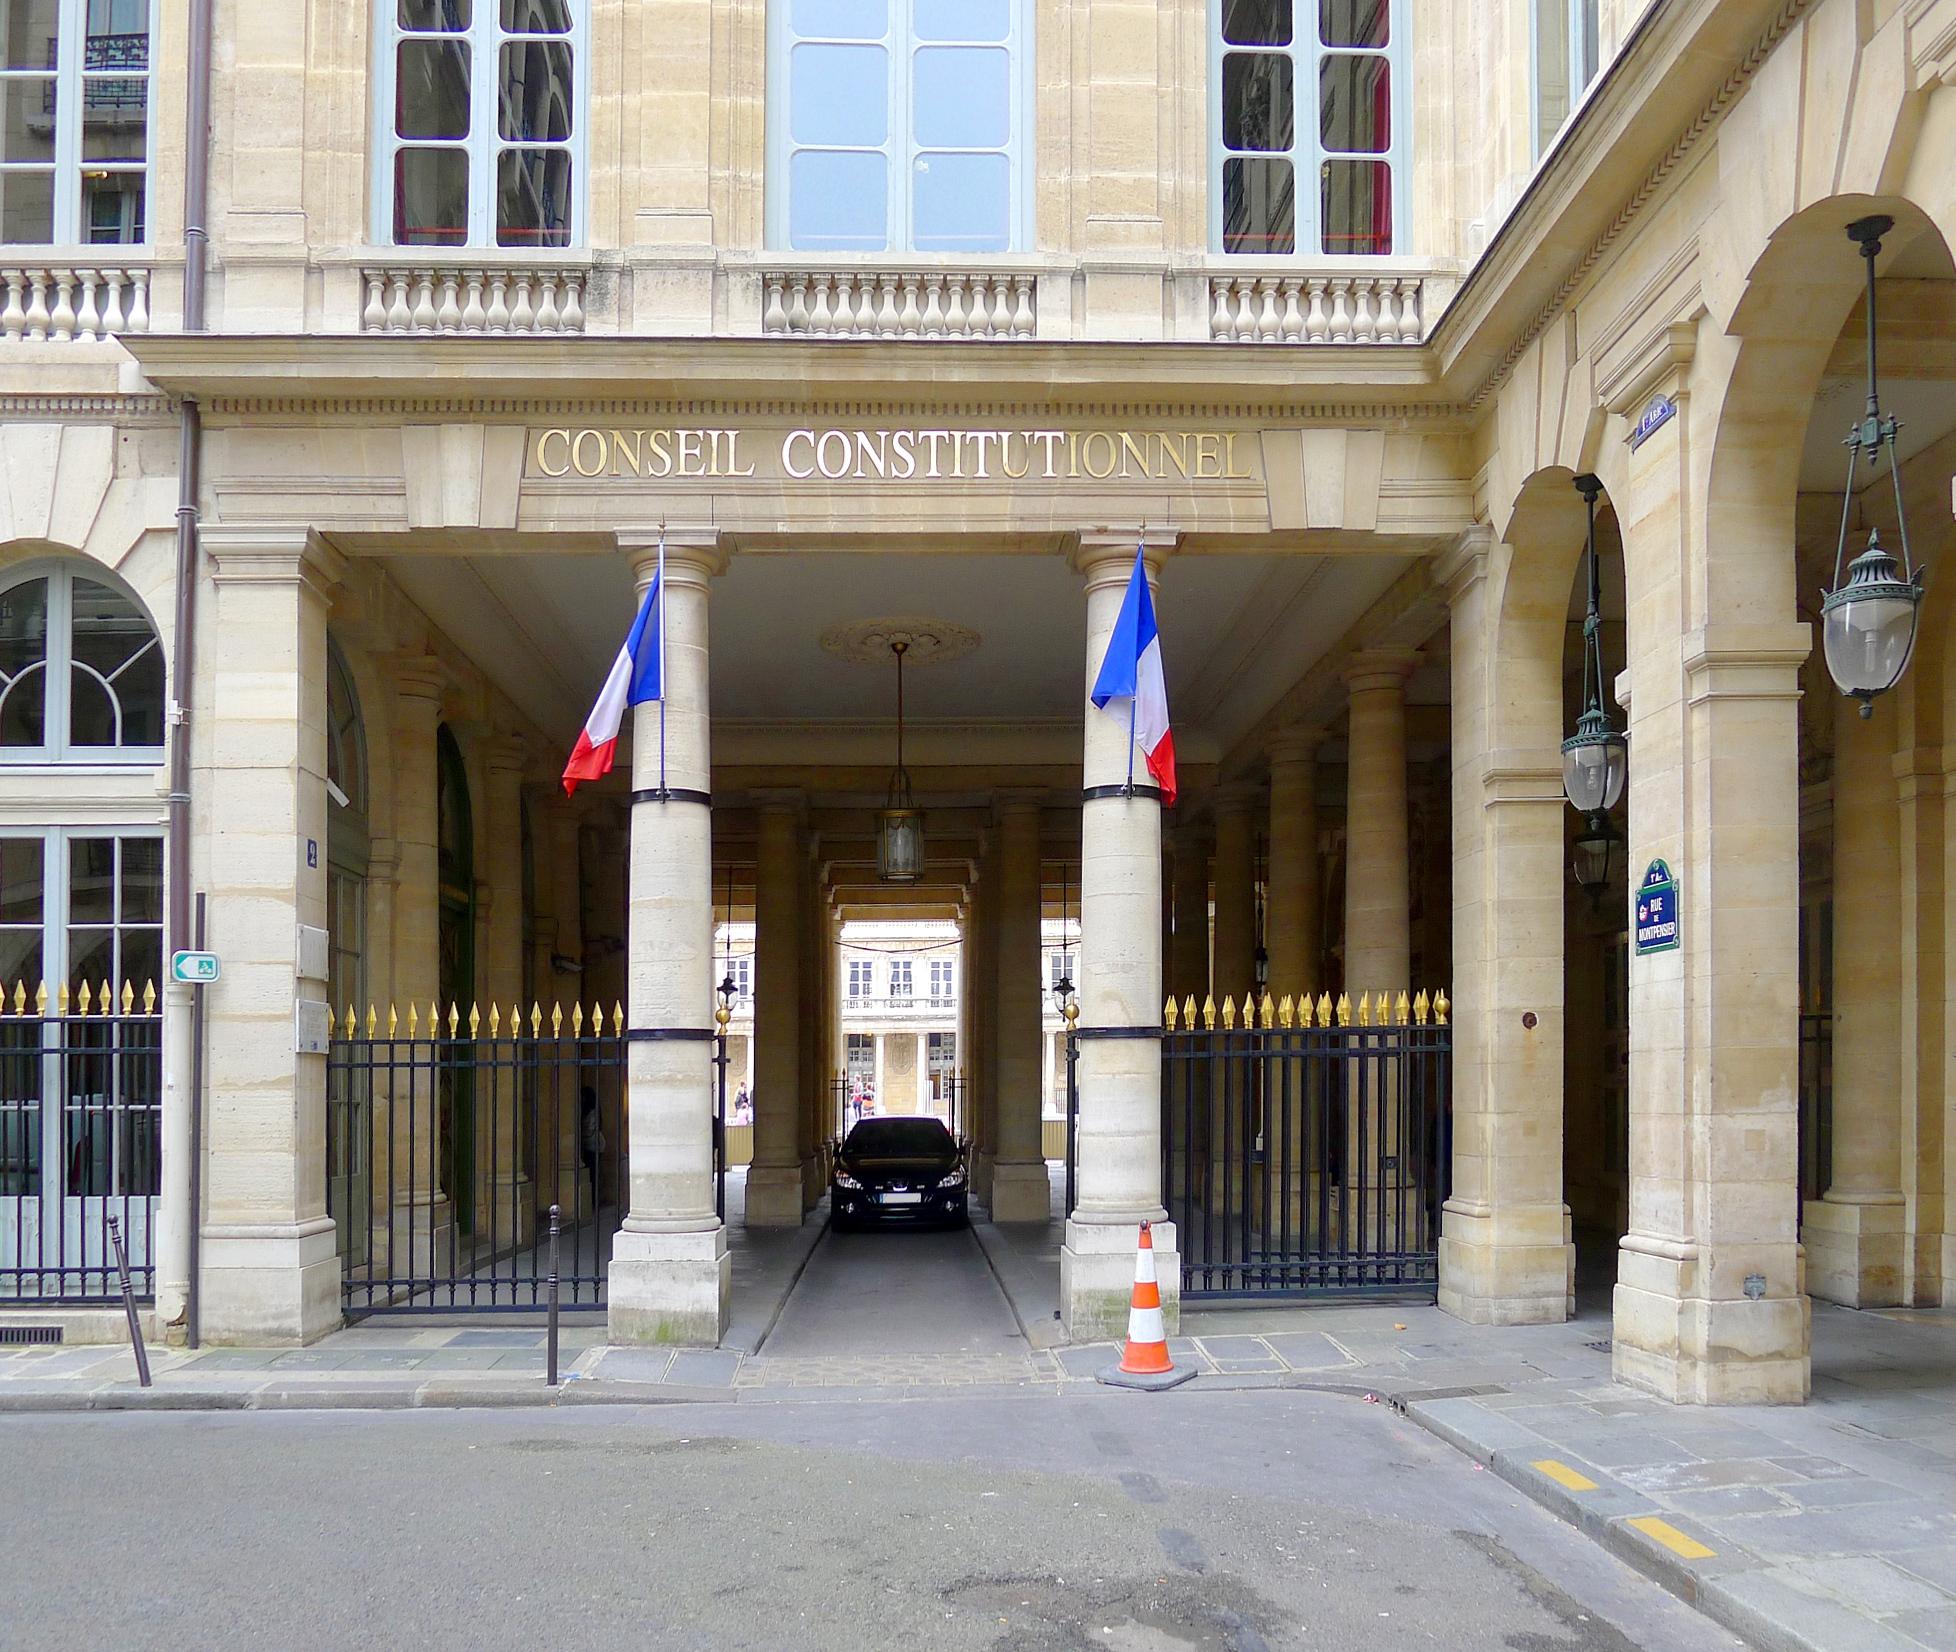 <b> Régime indemnitaire des membres du Conseil constitutionnel: le gouvernement refuse la transparence </b> </br> </br> Par Elina Lemaire